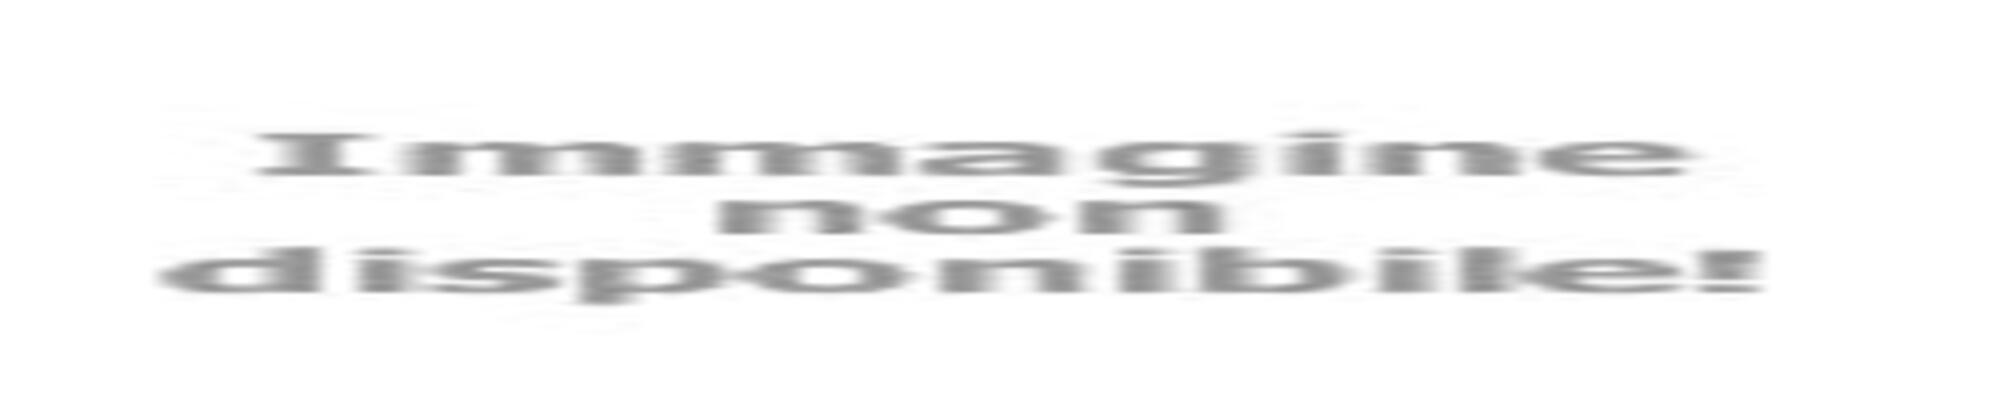 Offer 4th WEEK July in Rimini: FREE BEACH and mini club